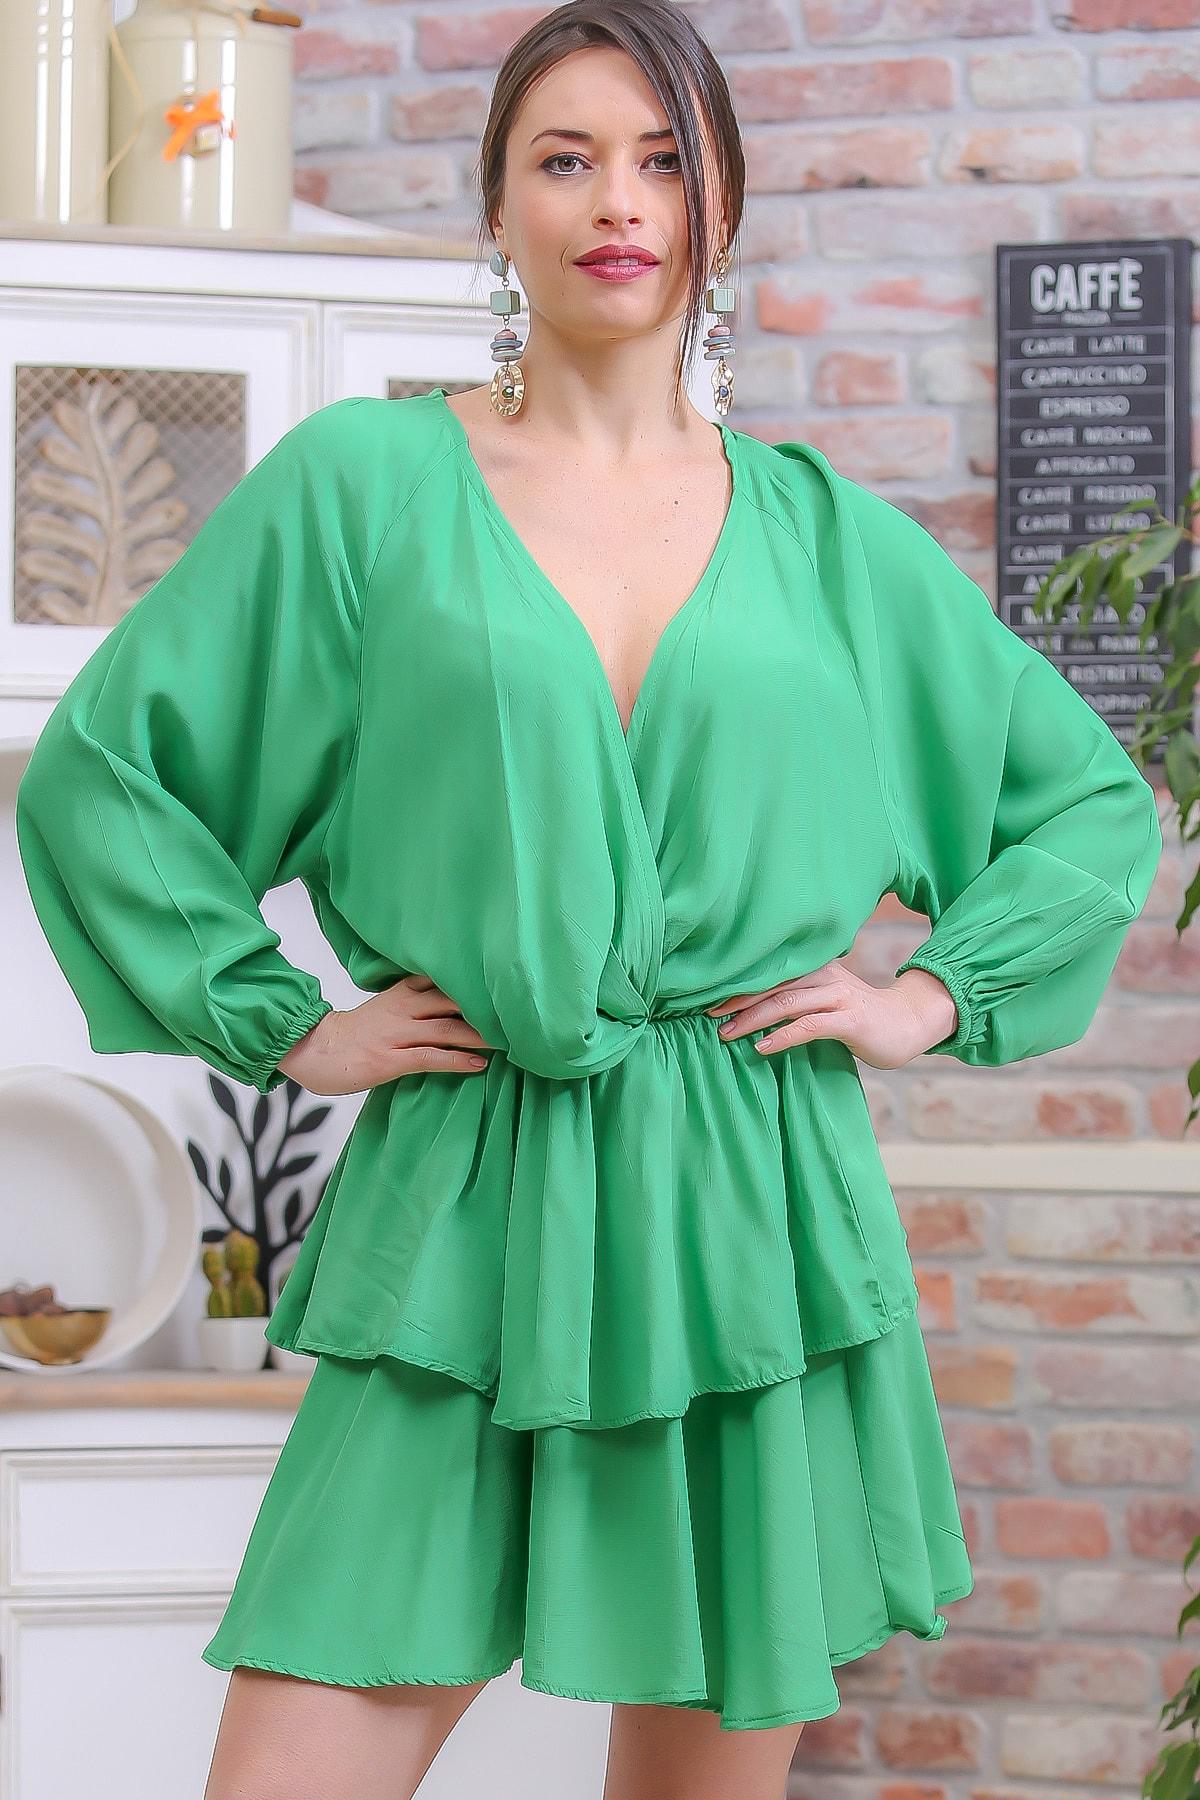 Chiccy Kadın Yeşil Vintage Kruvaze Balon Kol Kat Kat Fırfır Etek Detaylı Elbise M10160000EL96962